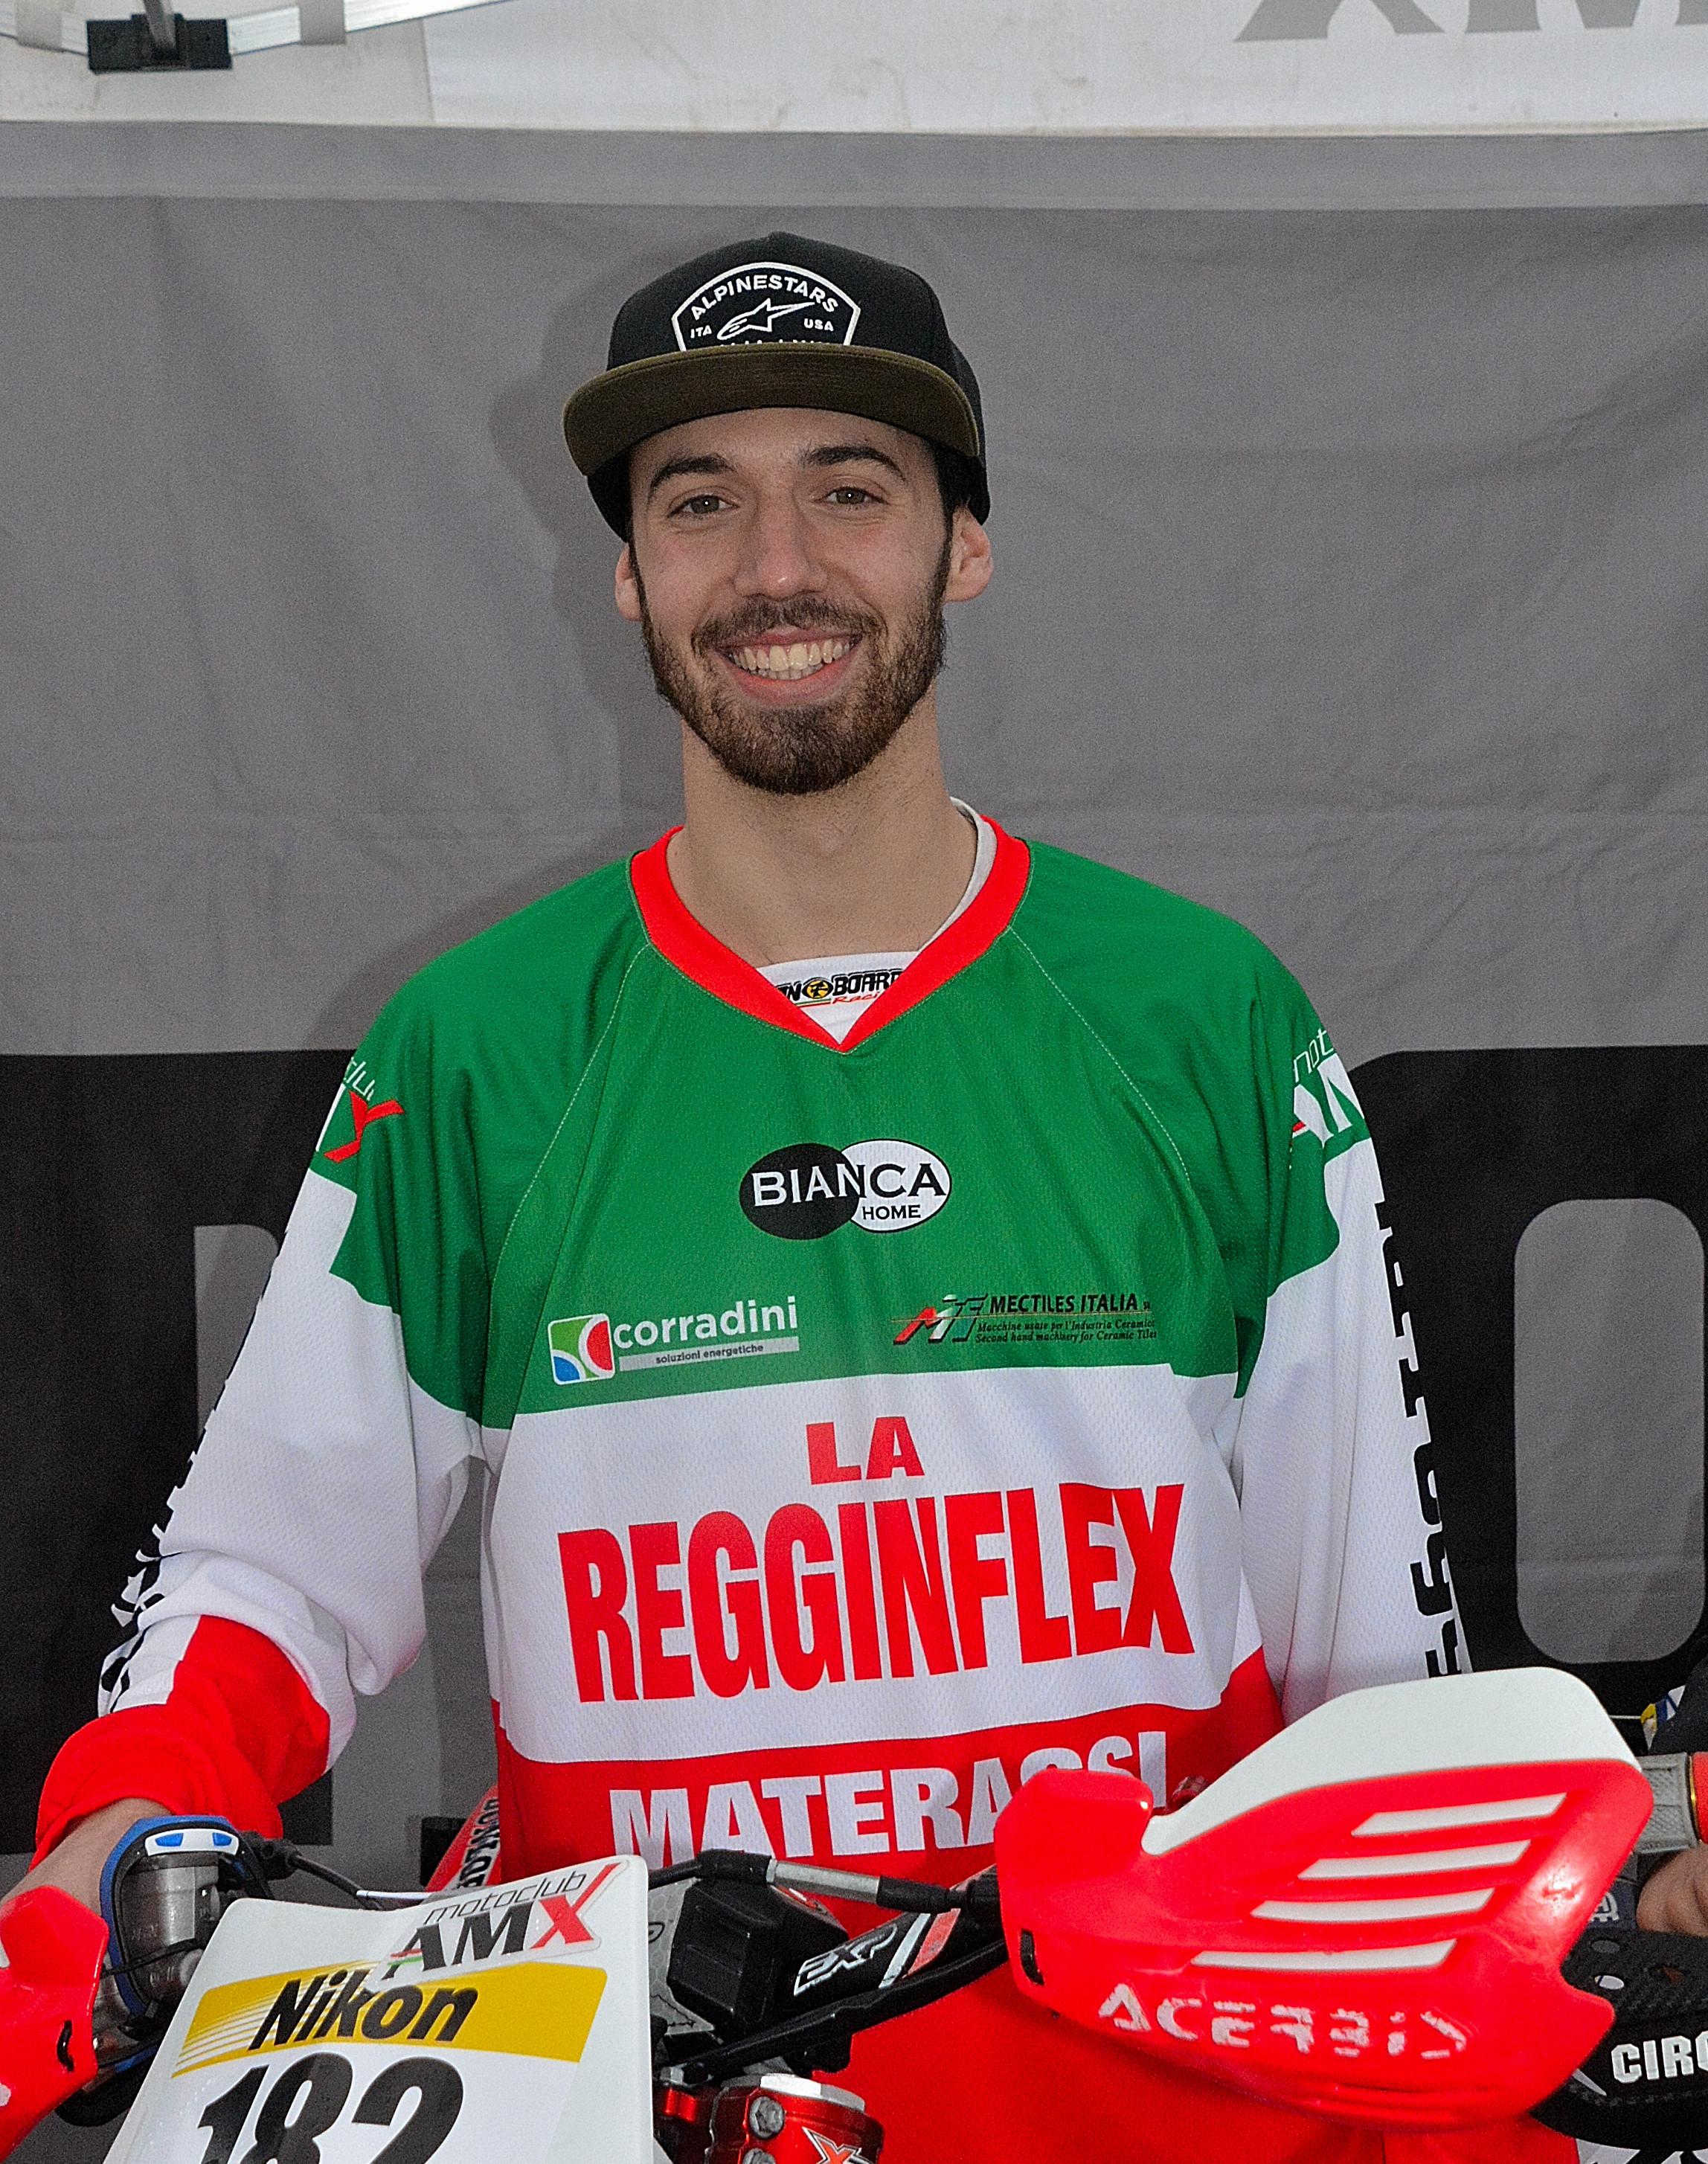 Matteo Manenti